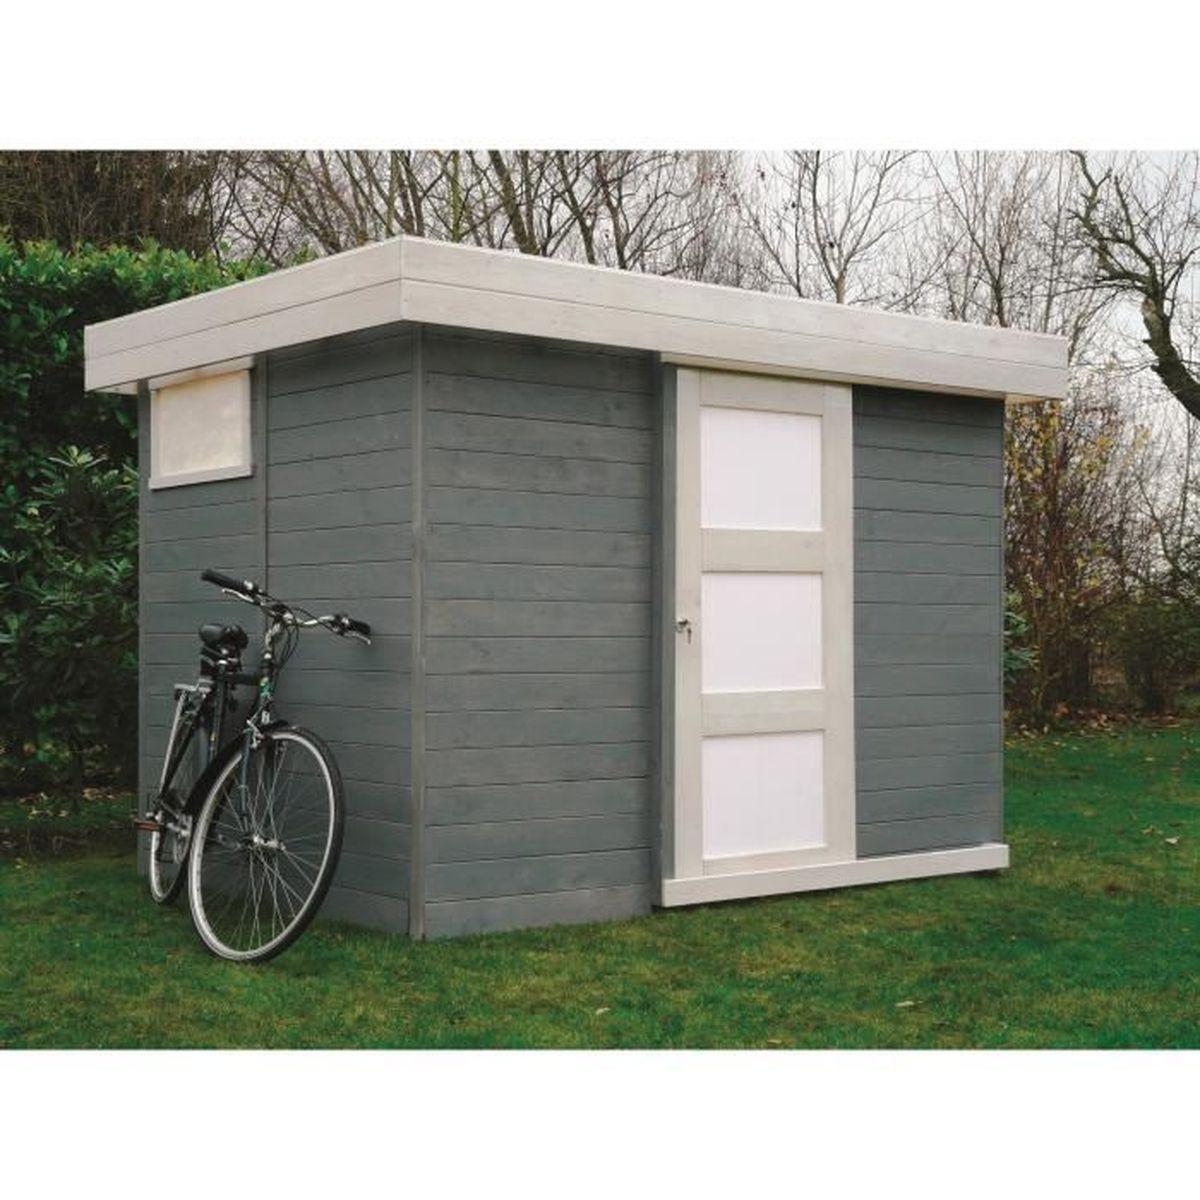 Solid abri de jardin lund 267 2x187 4cm achat vente for Abris de jardin solid belgique